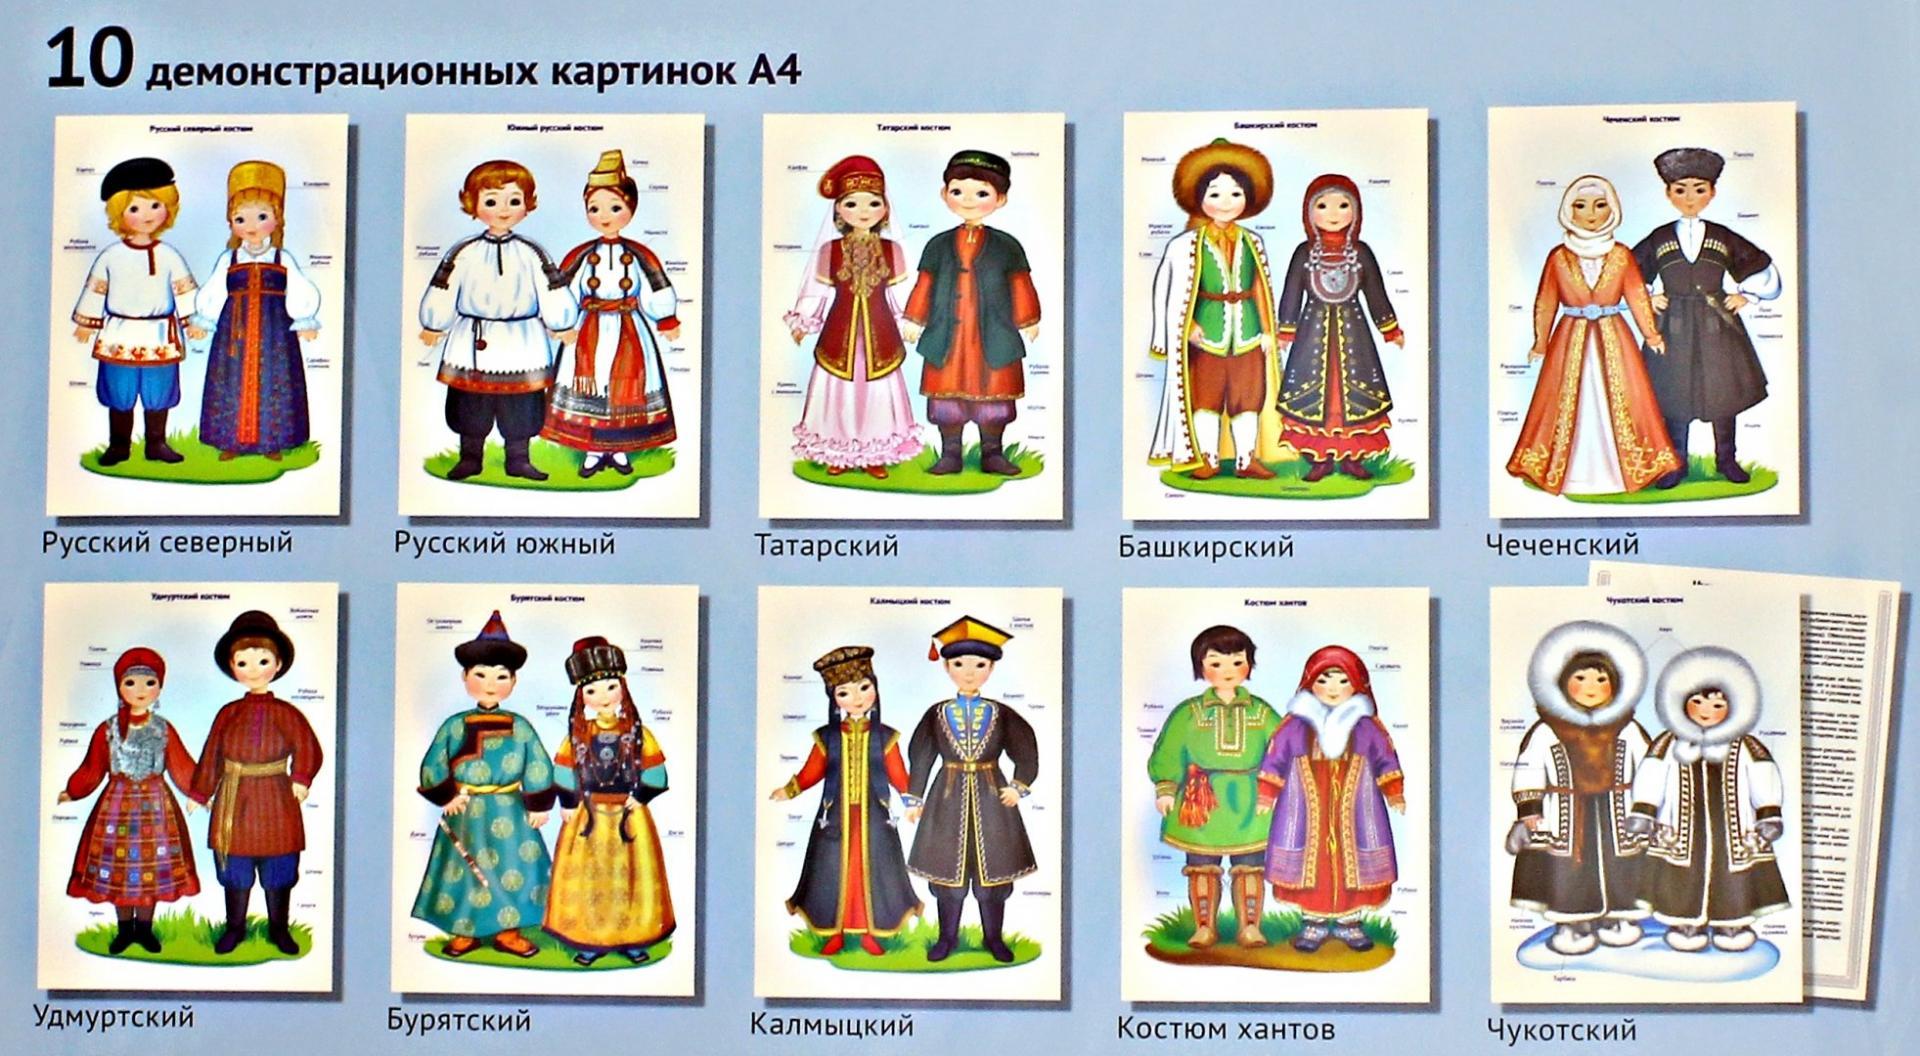 Национальные костюмы картинки для детей